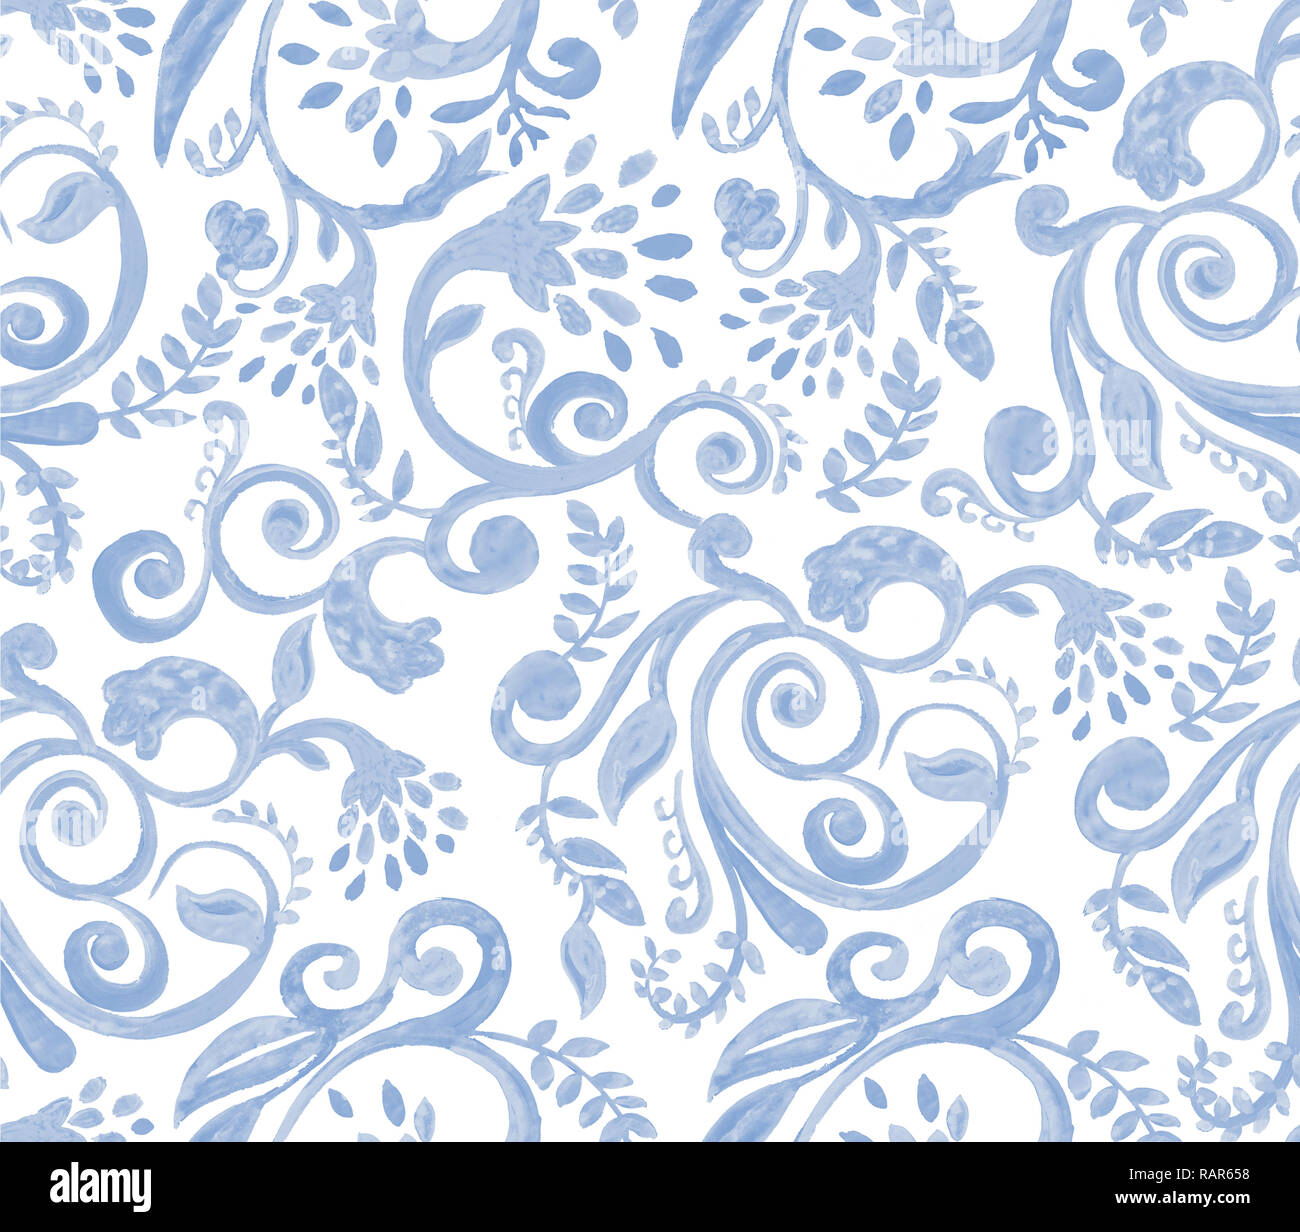 f29db06478e09e Blaue Blumen Muster auf weißem Hintergrund. Hand Made Aquarell nahtlose  Textur für Kleidung, Stoff